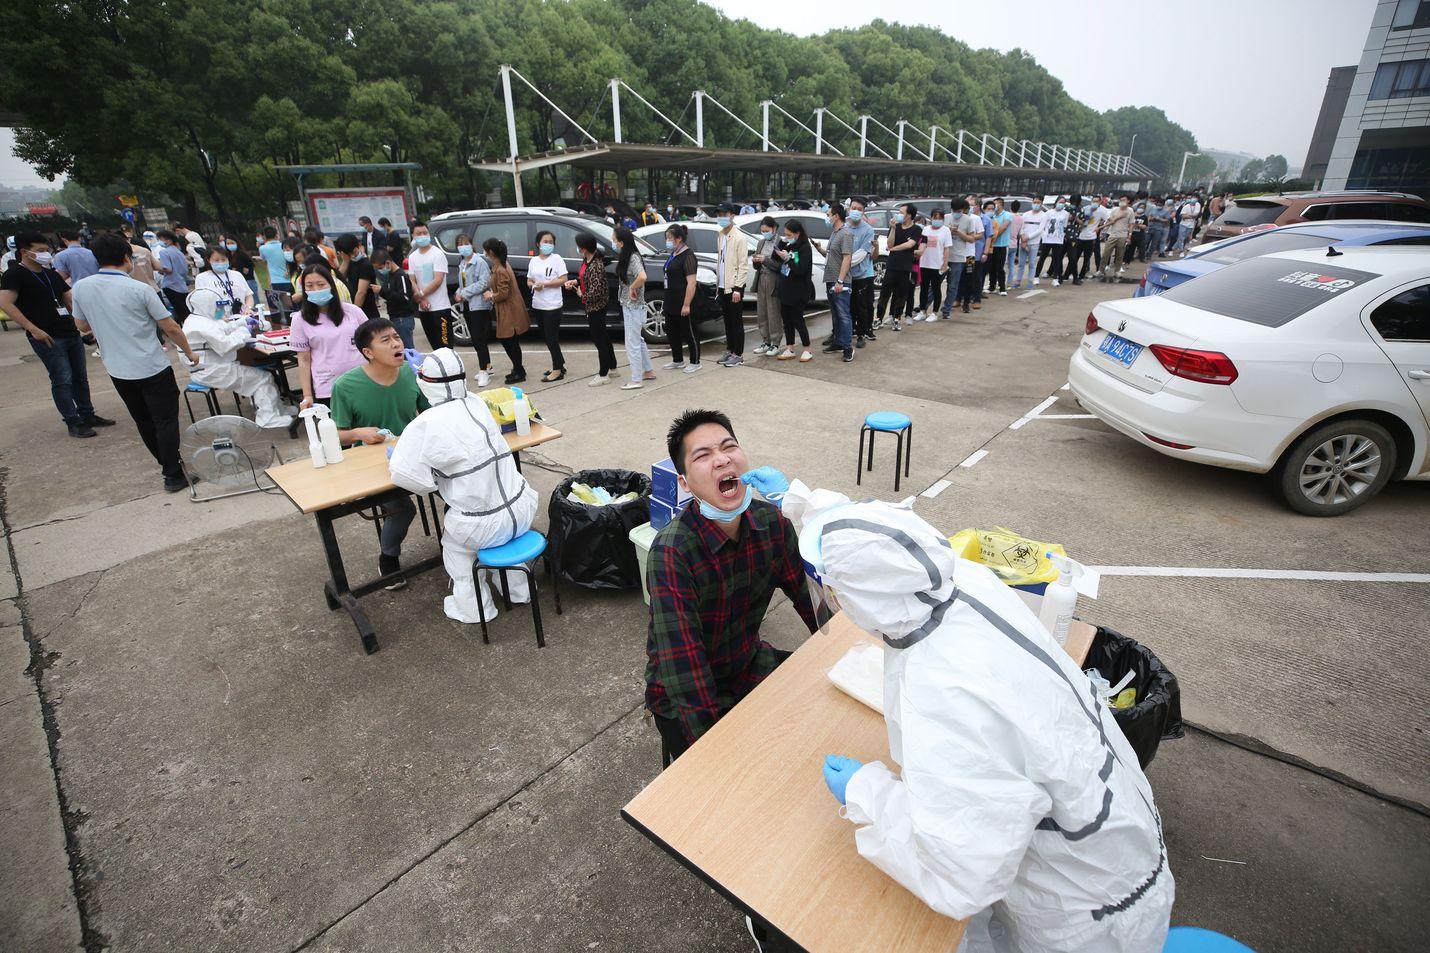 Wuhanin asukkaita testattiin tehtaan vieressä ulkona perjantaina.